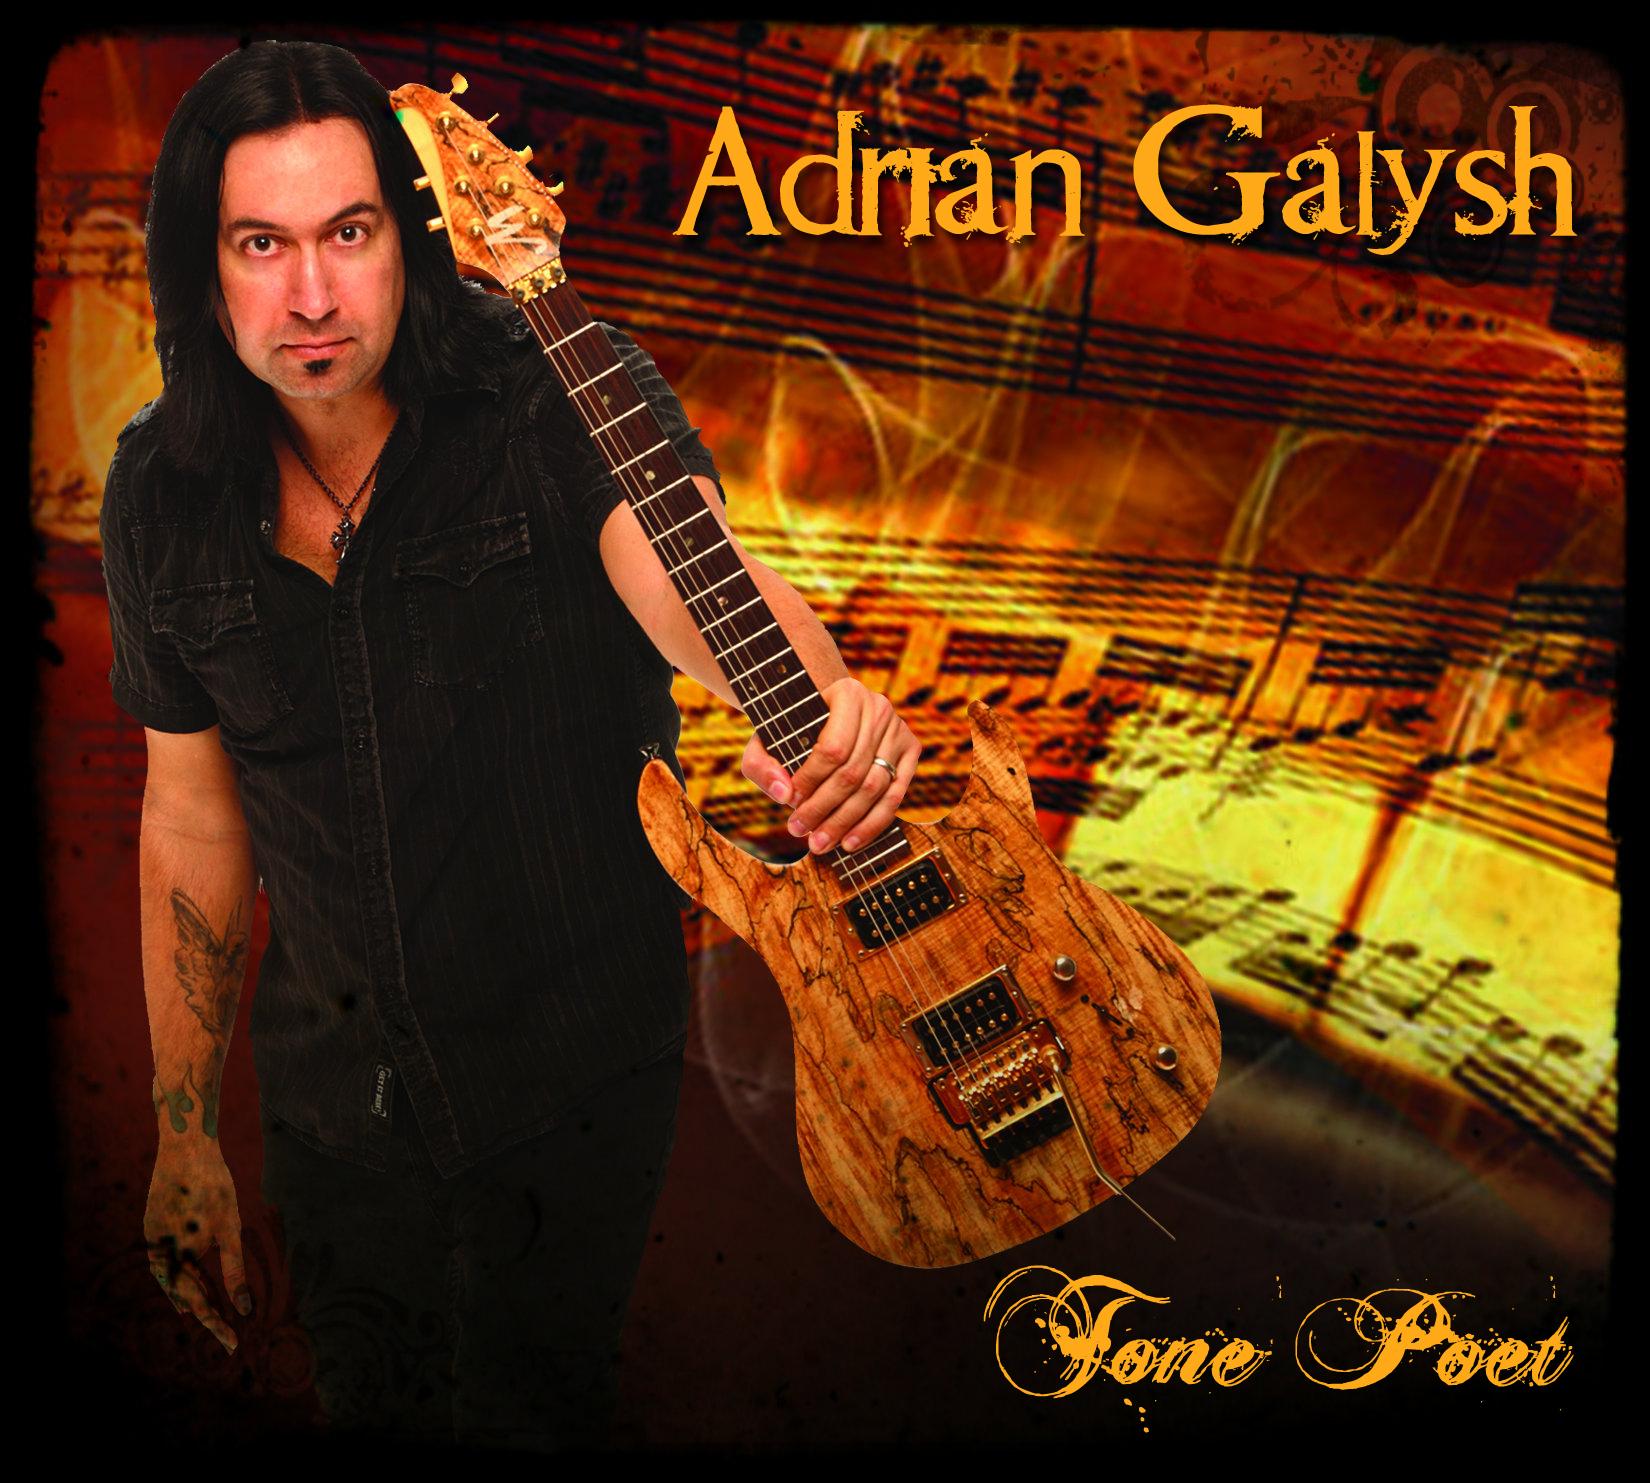 Adrian Galysh Releases New Album!